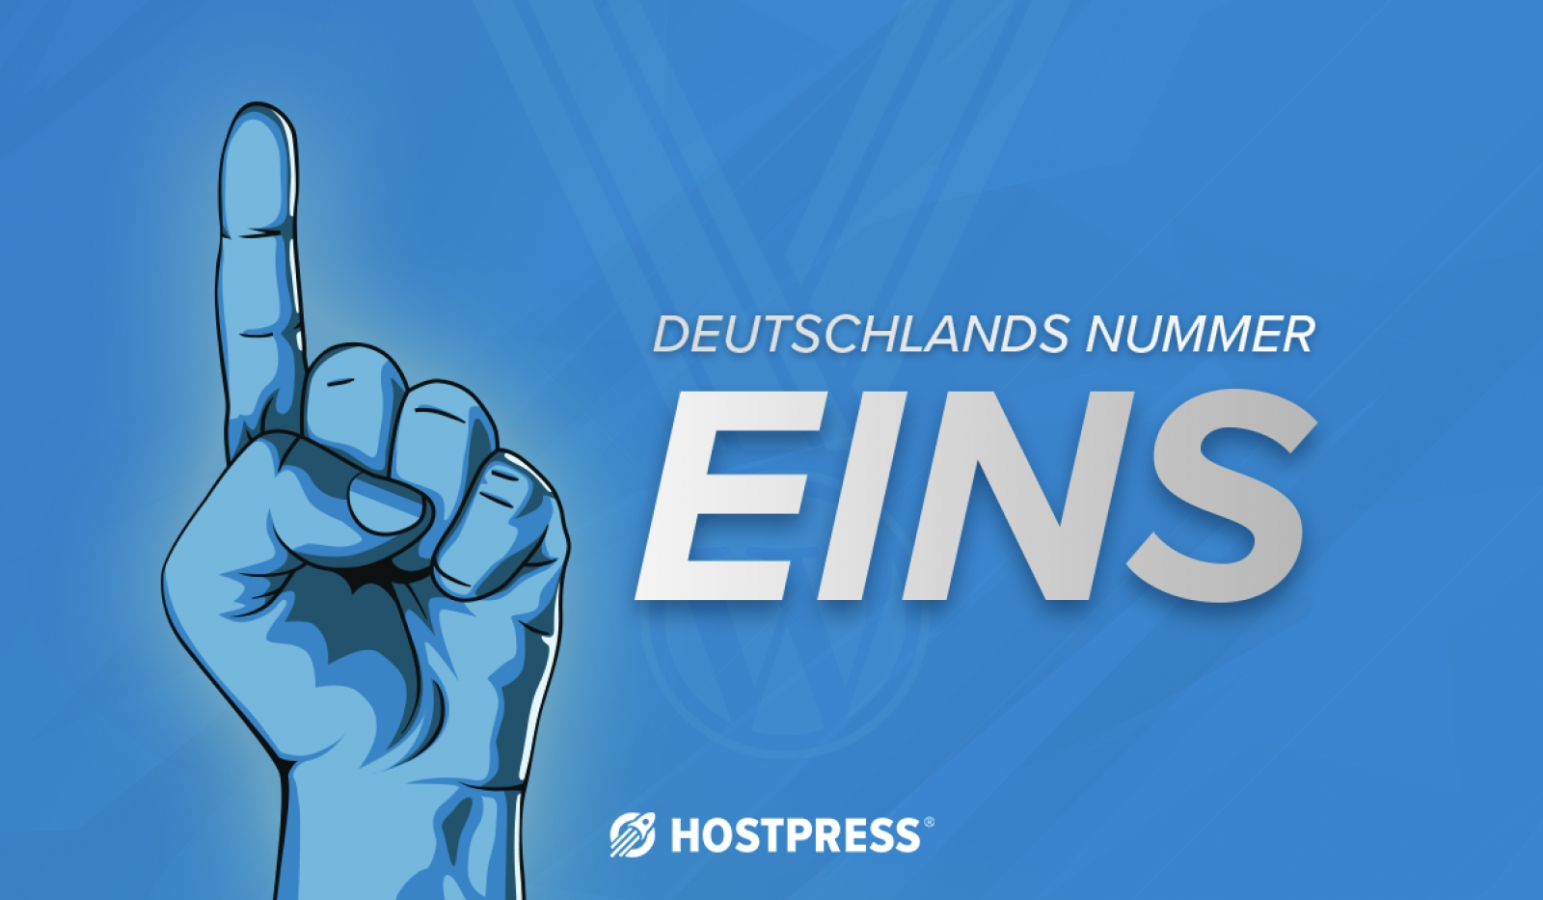 HostPress als bester deutscher WordPress-Hoster ausgezeichnet